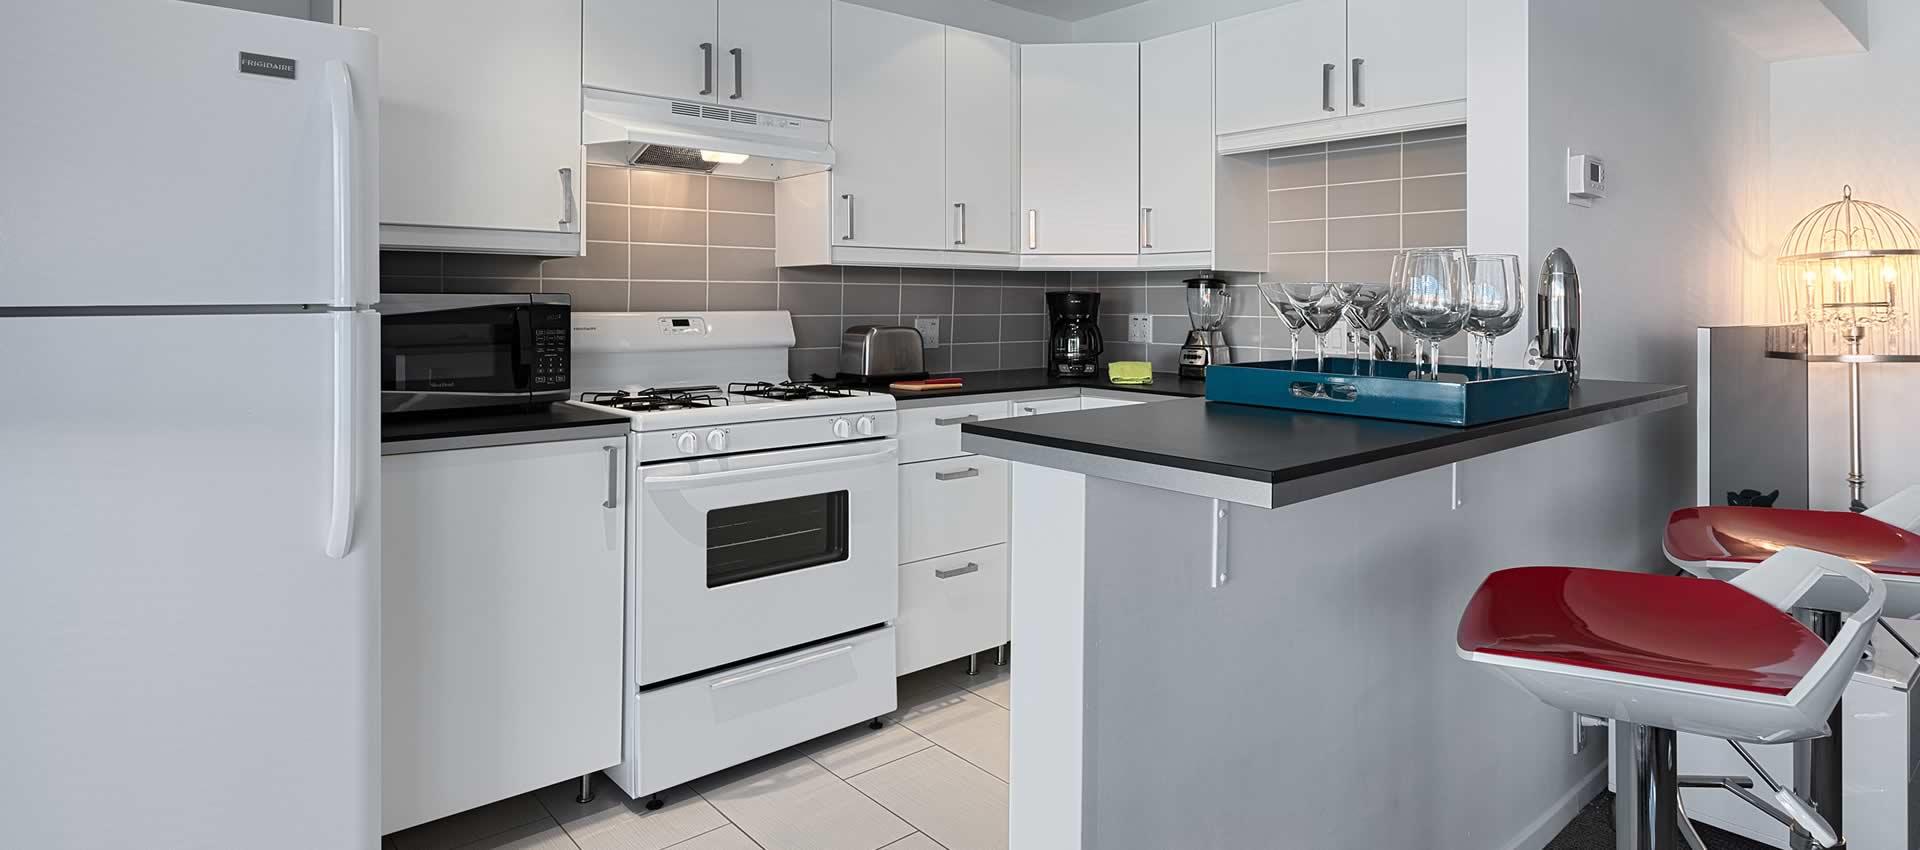 twist hotel room kitchen white modern